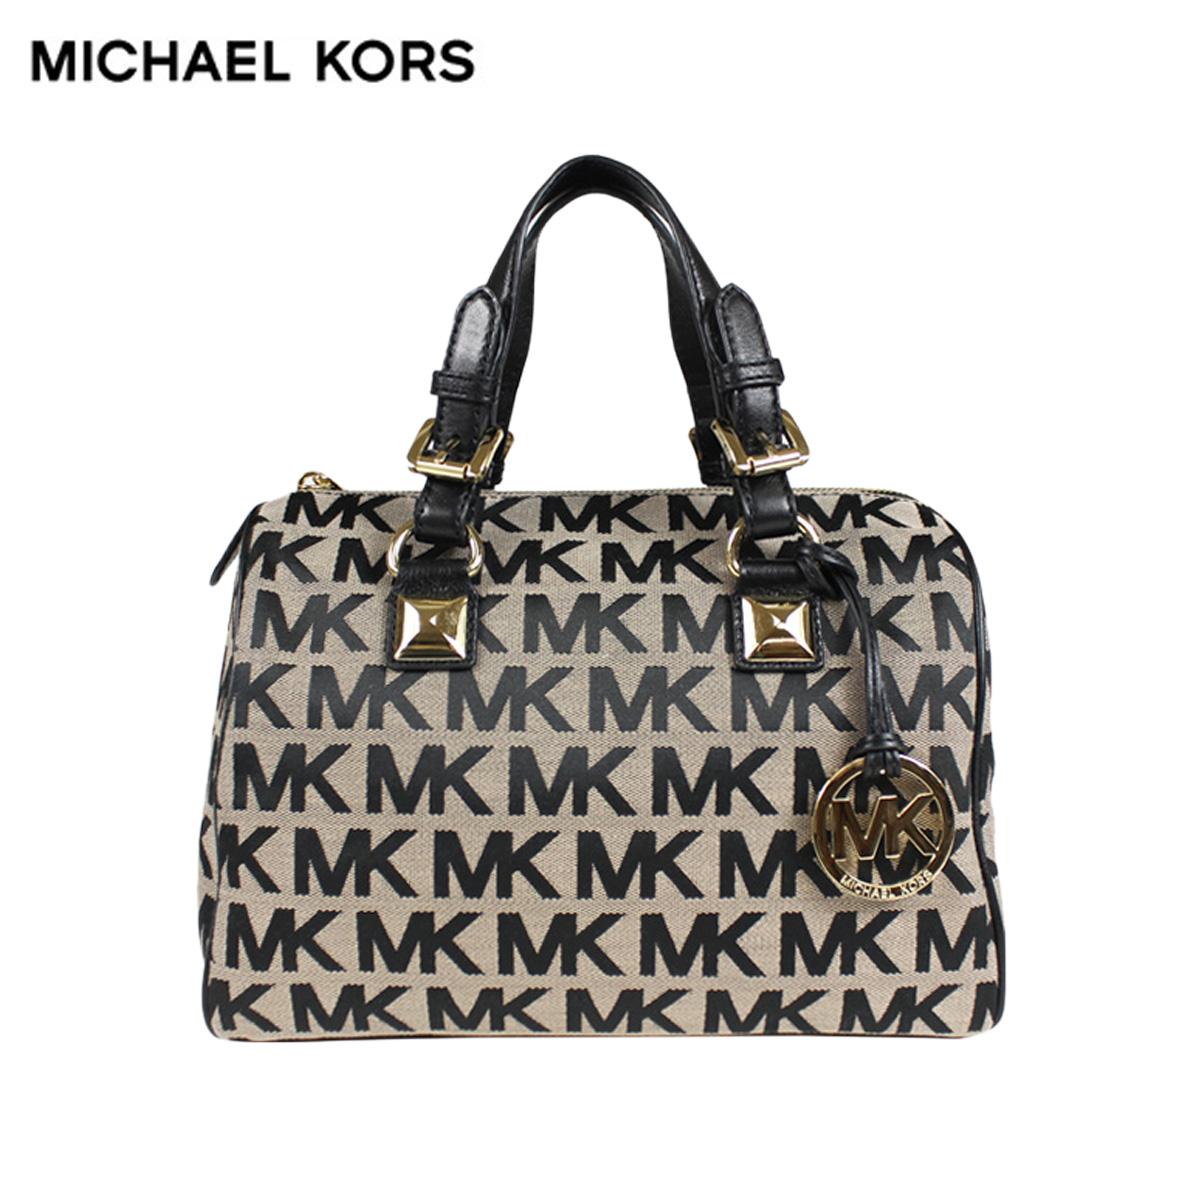 Michael Kors Bag Handbag